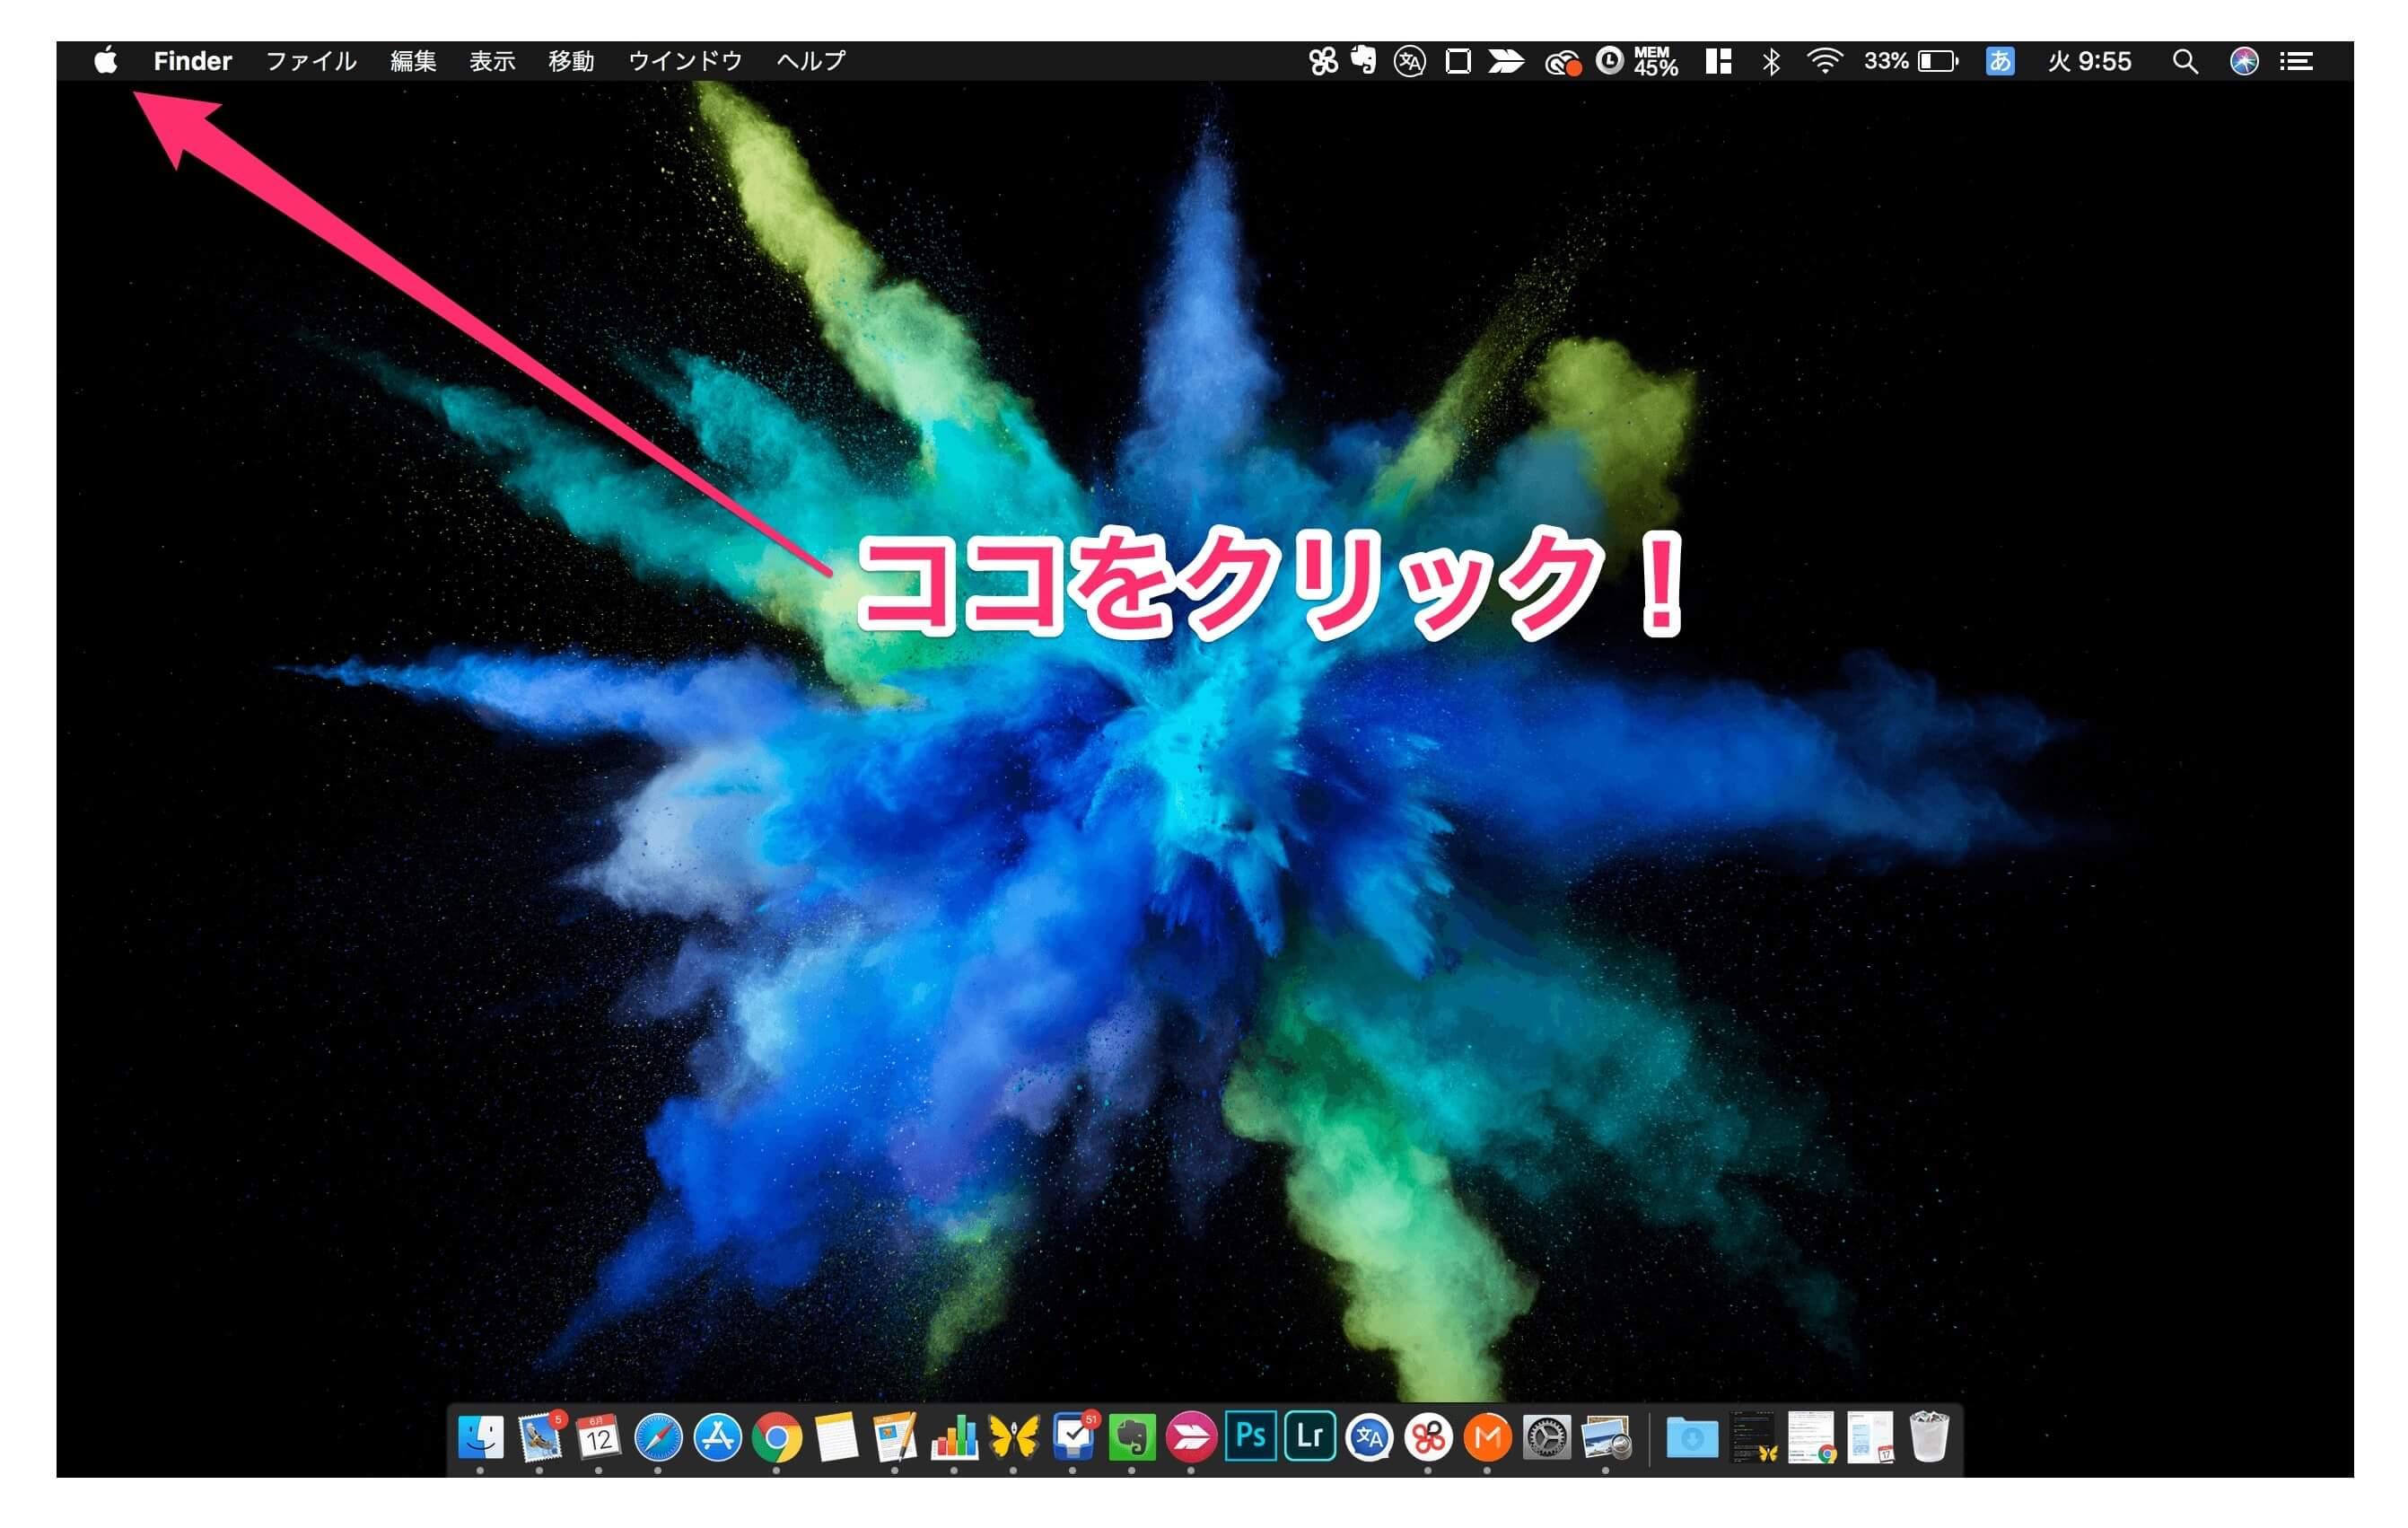 Macのデスクトップ画面の写真